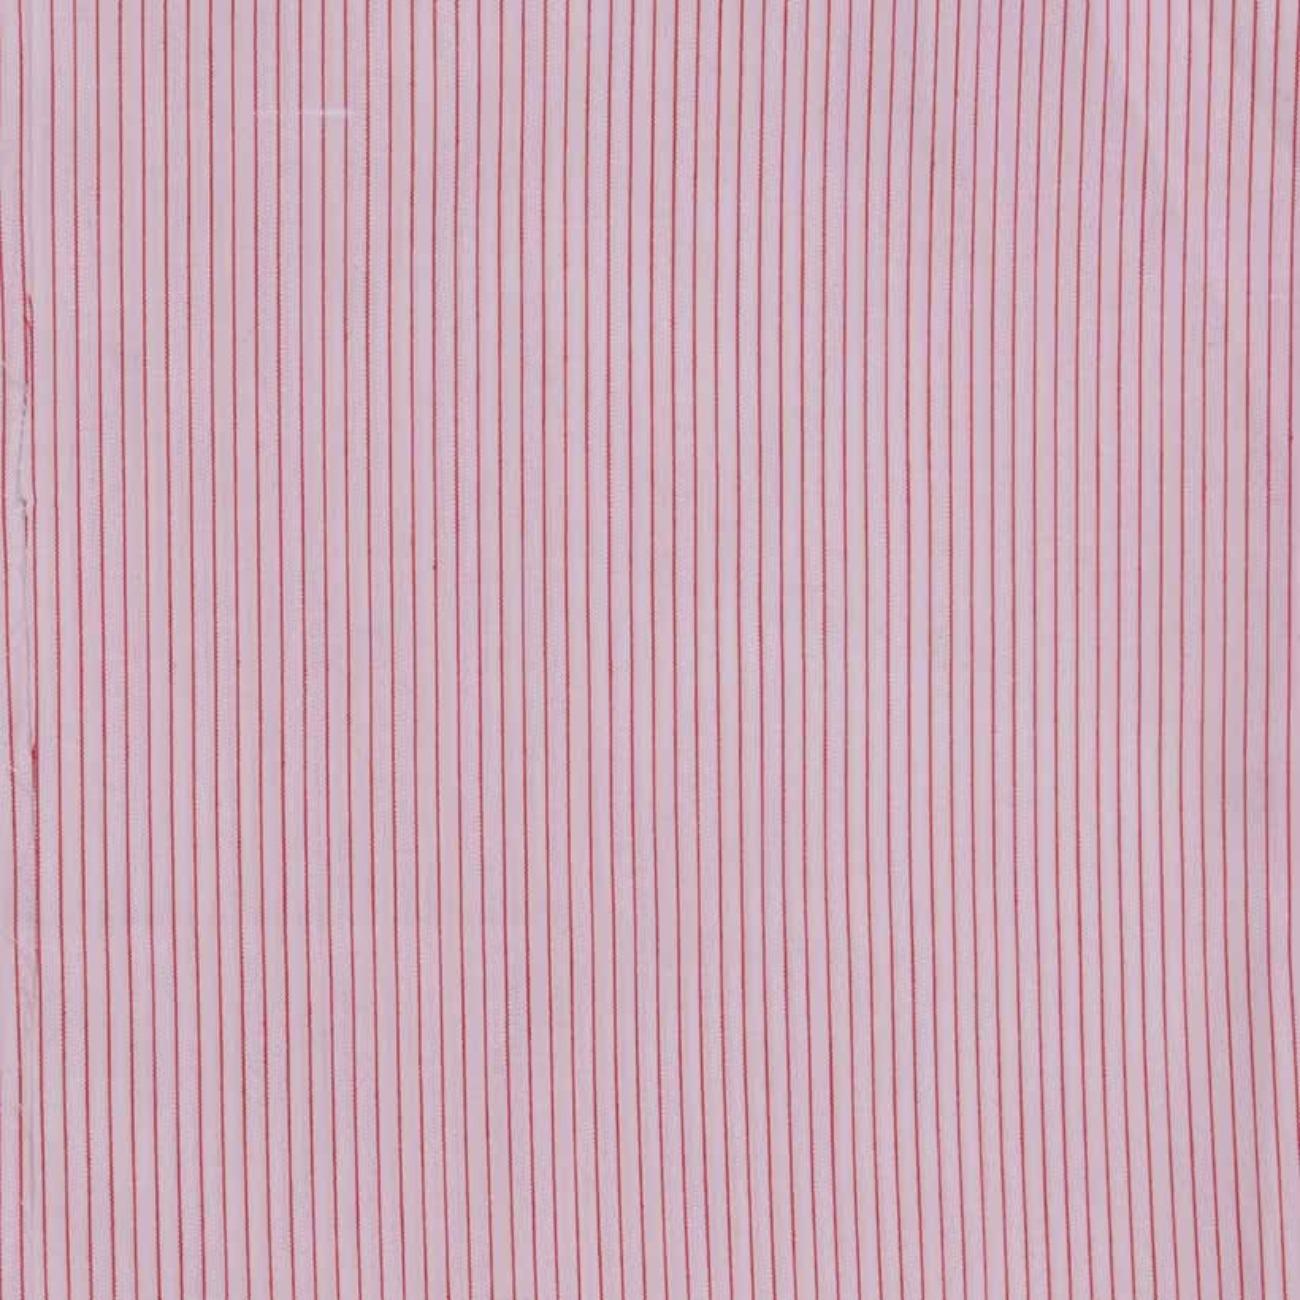 现货条子梭织色织低弹休闲时尚风格 衬衫 连衣裙 短裙 棉感 60929-37